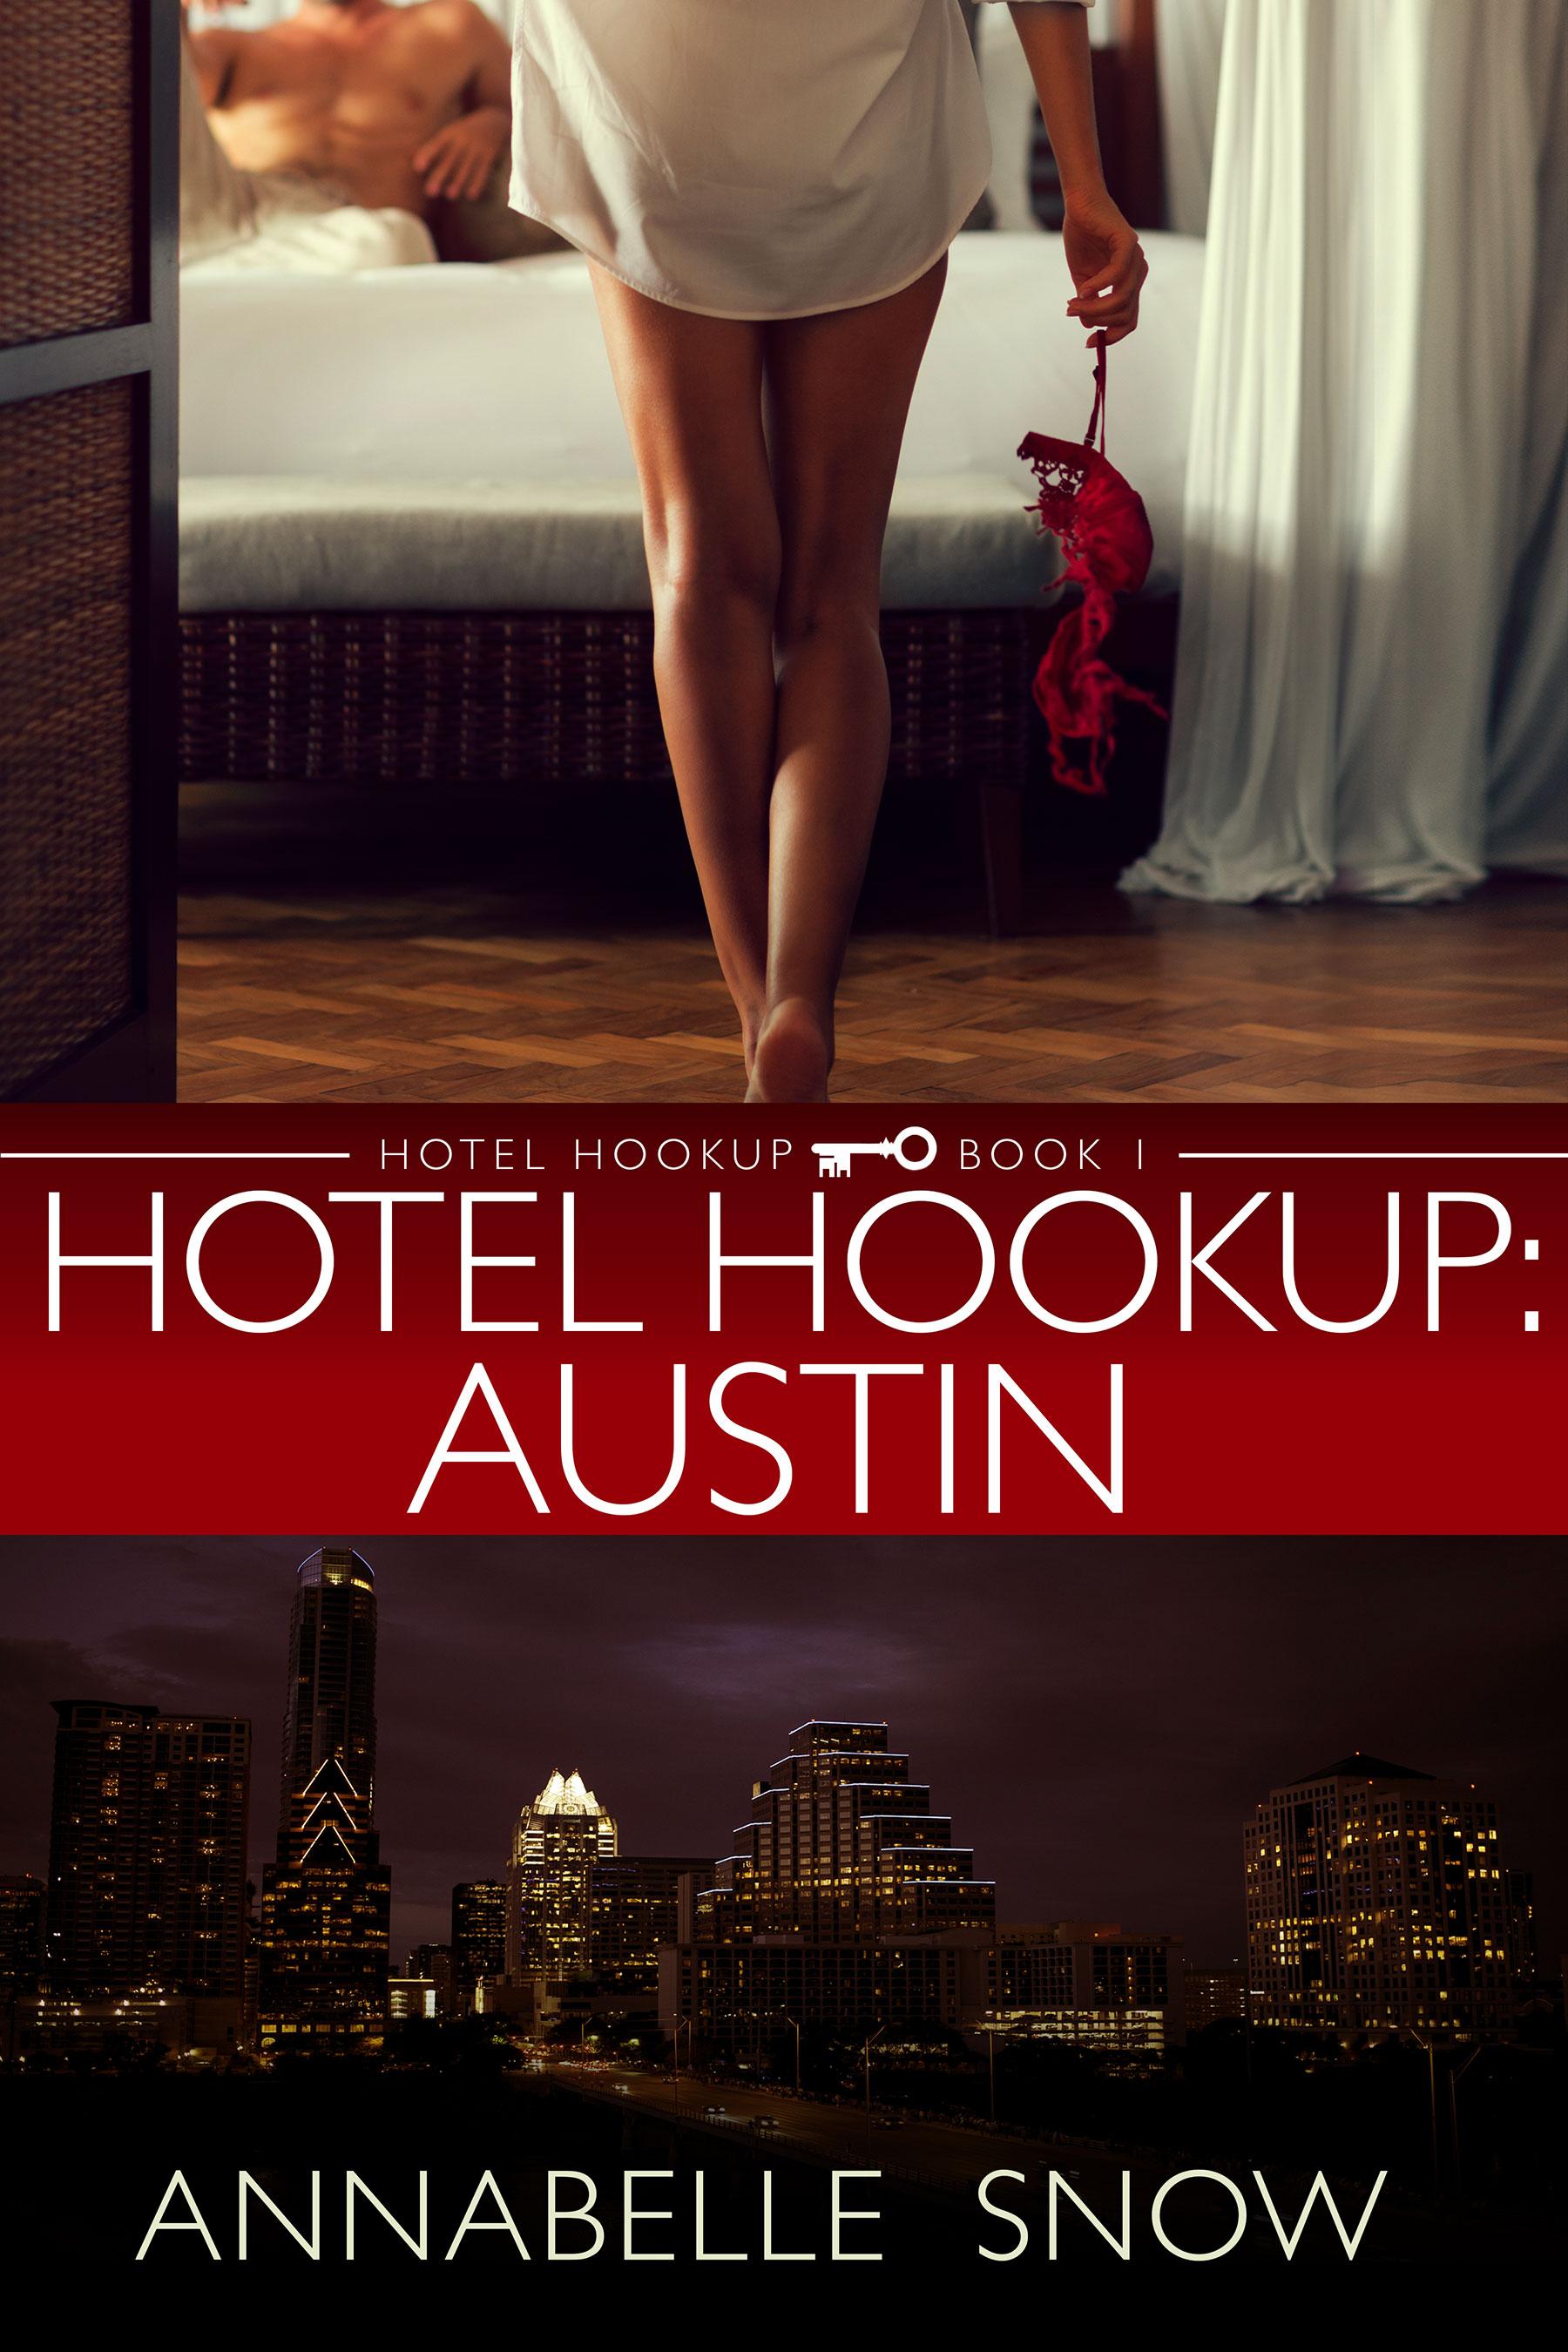 Austin tx hook up